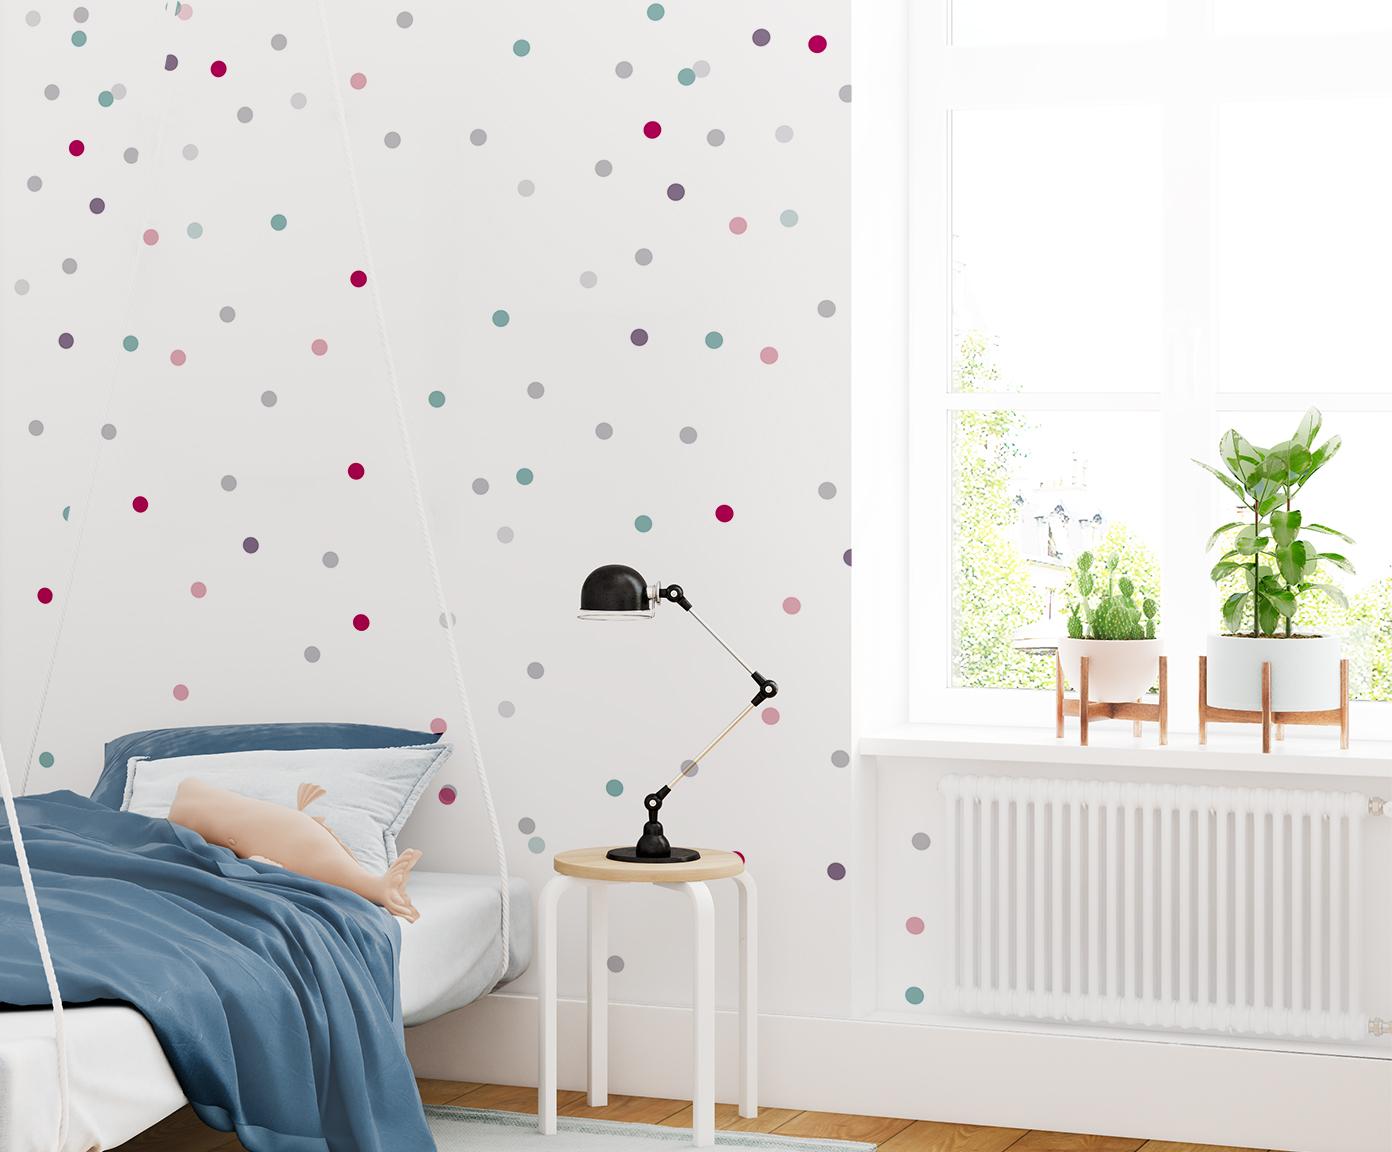 Tapeta dziecięca Dancing Dots - Pokój w kolorowe kropki z jasnymi mebelkami to pomysł dla dzieci i nastolatków.